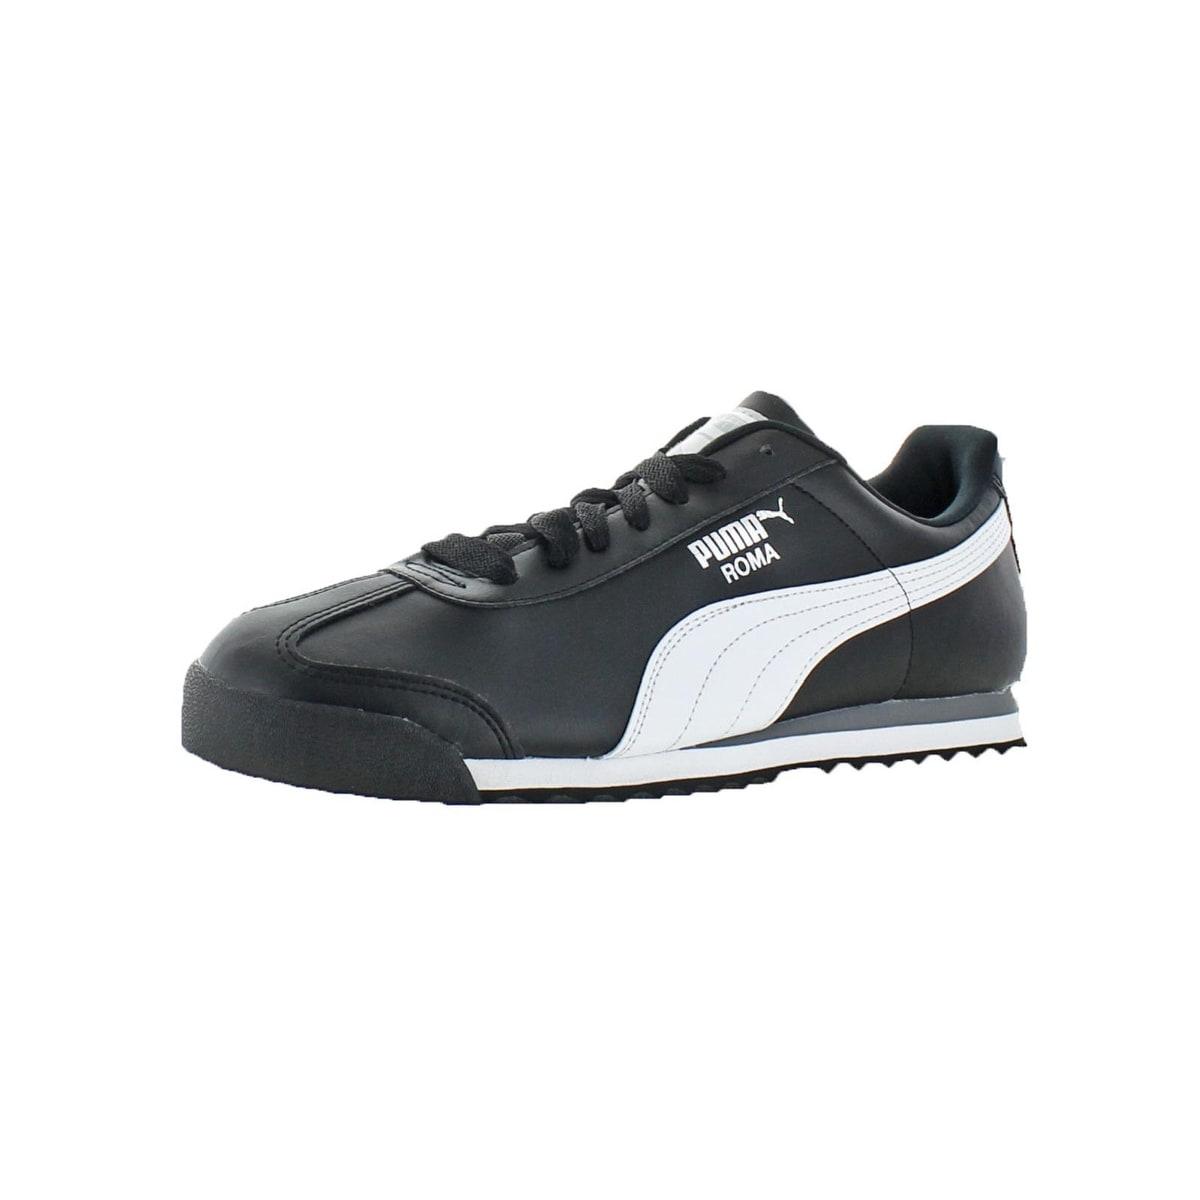 ea7f94b15aa622 Buy Puma Men s Sneakers Online at Overstock